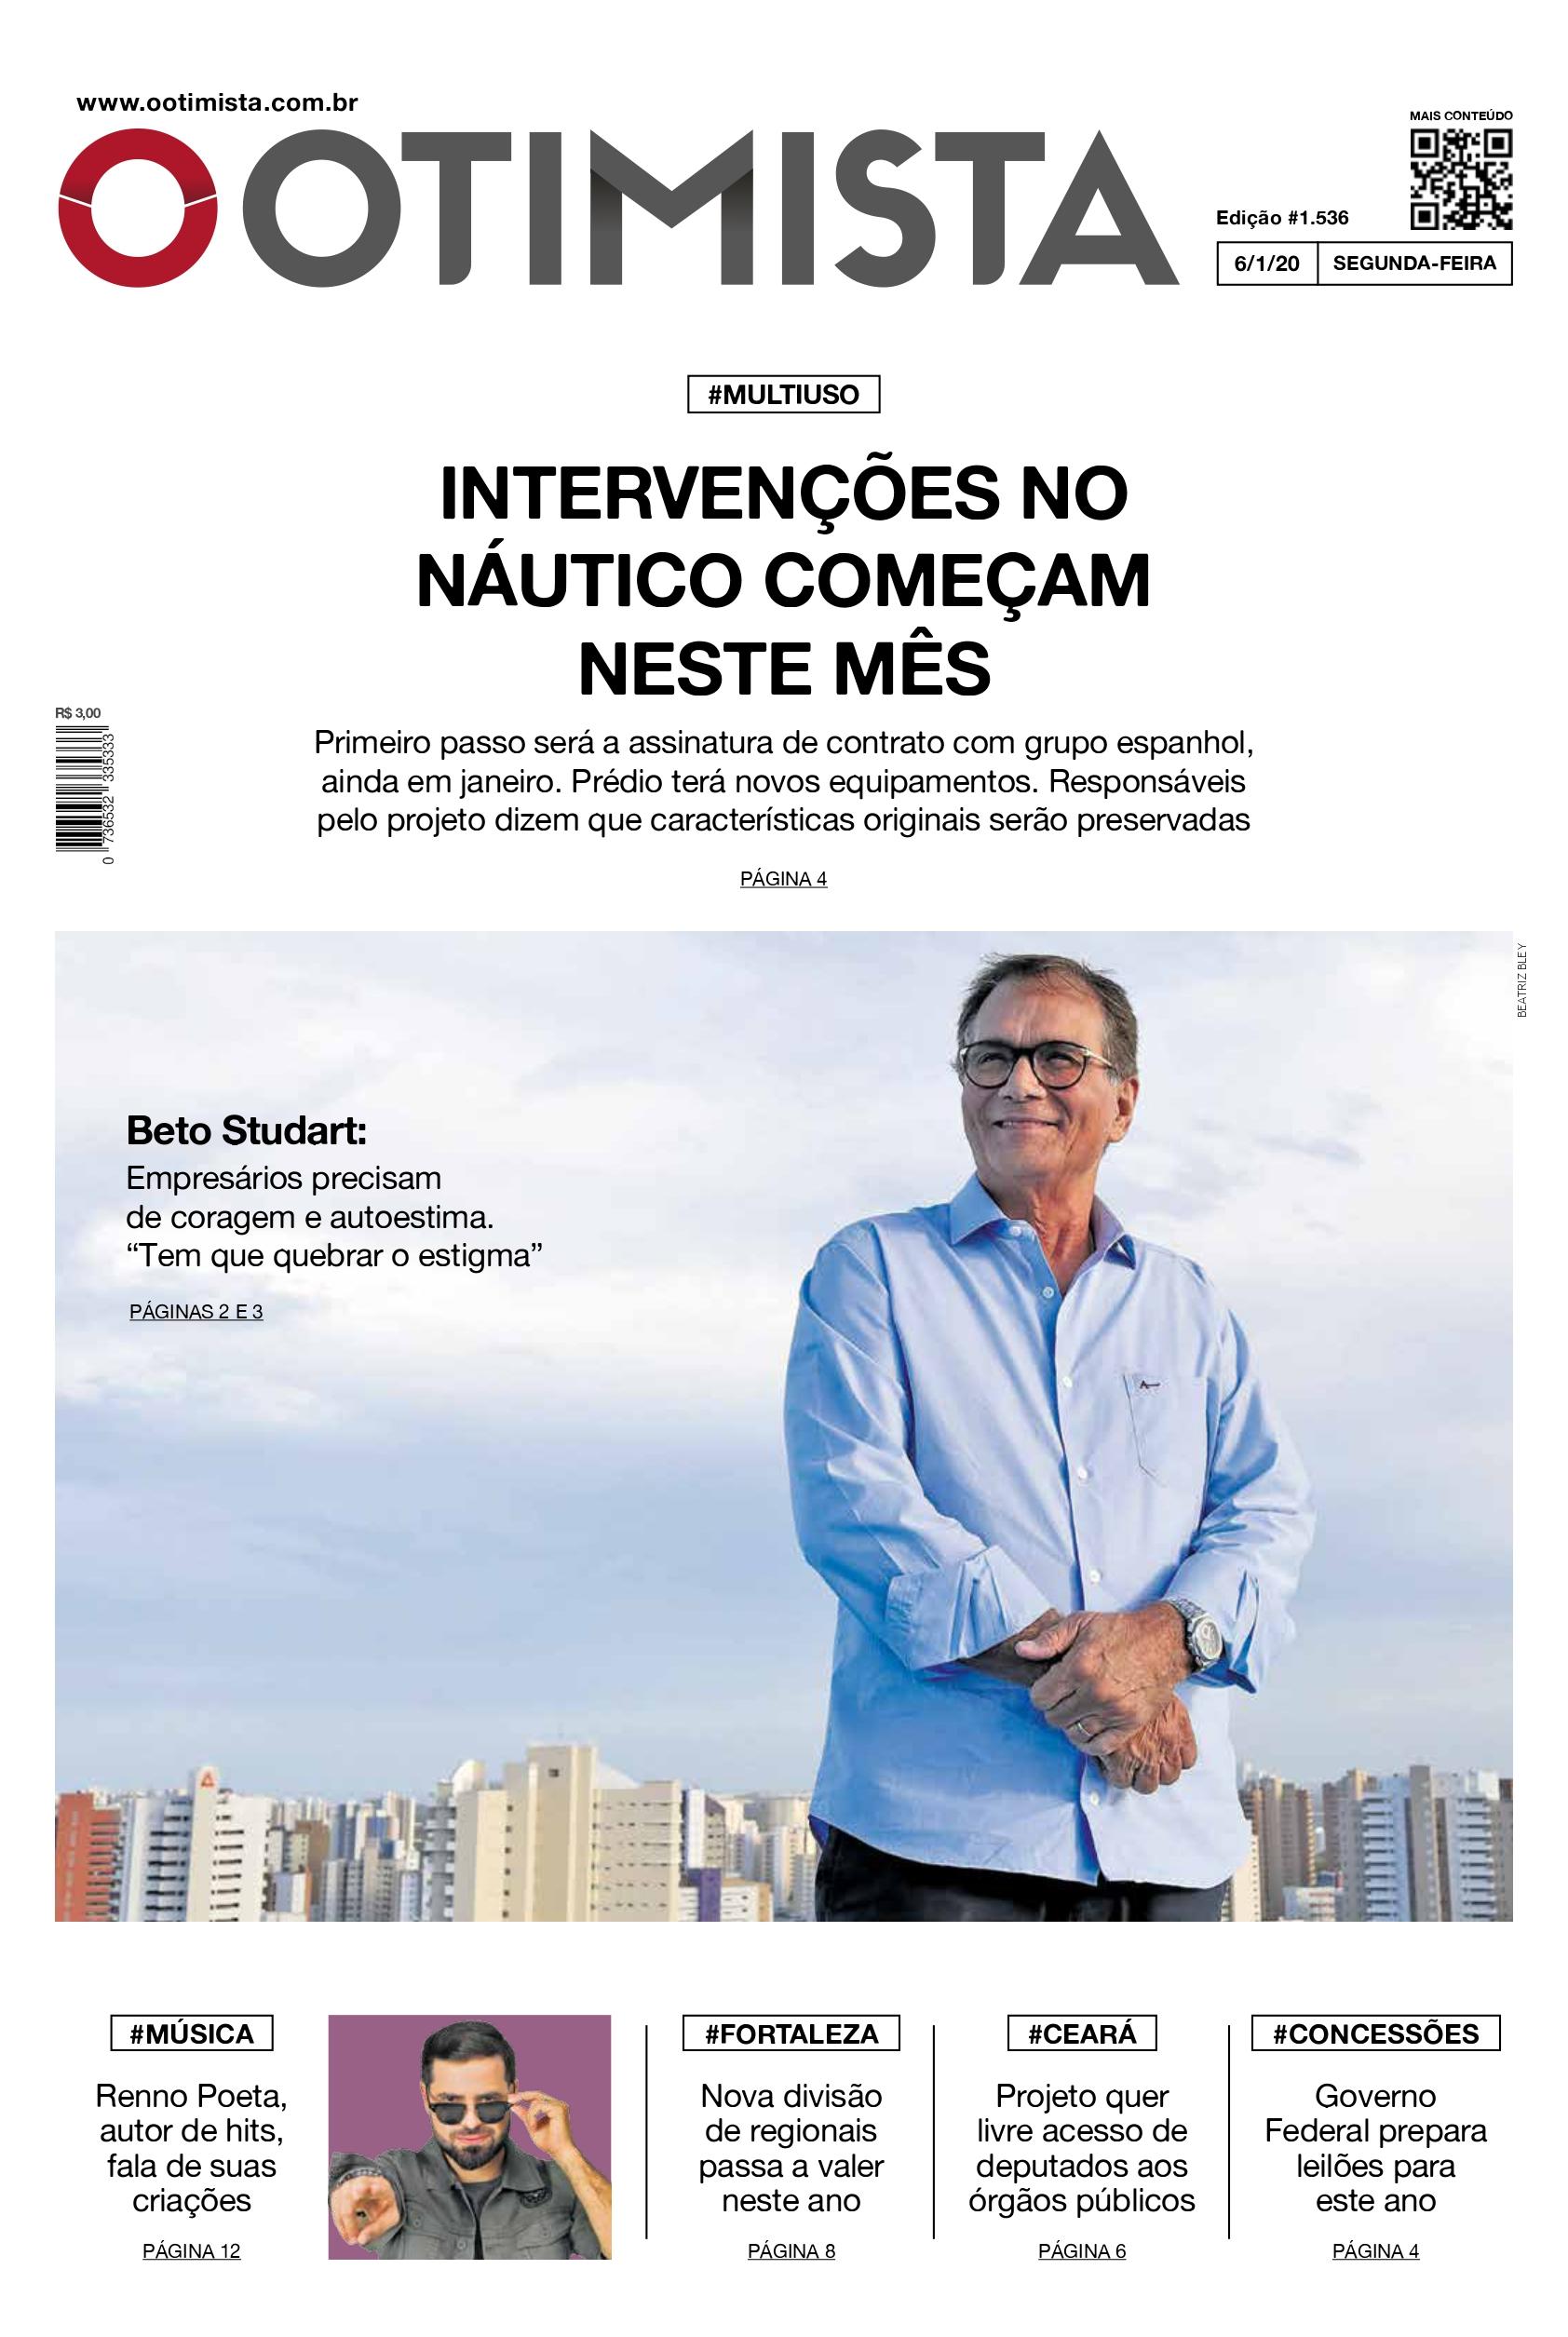 O Otimista - Edição impressa de 6/1/2020